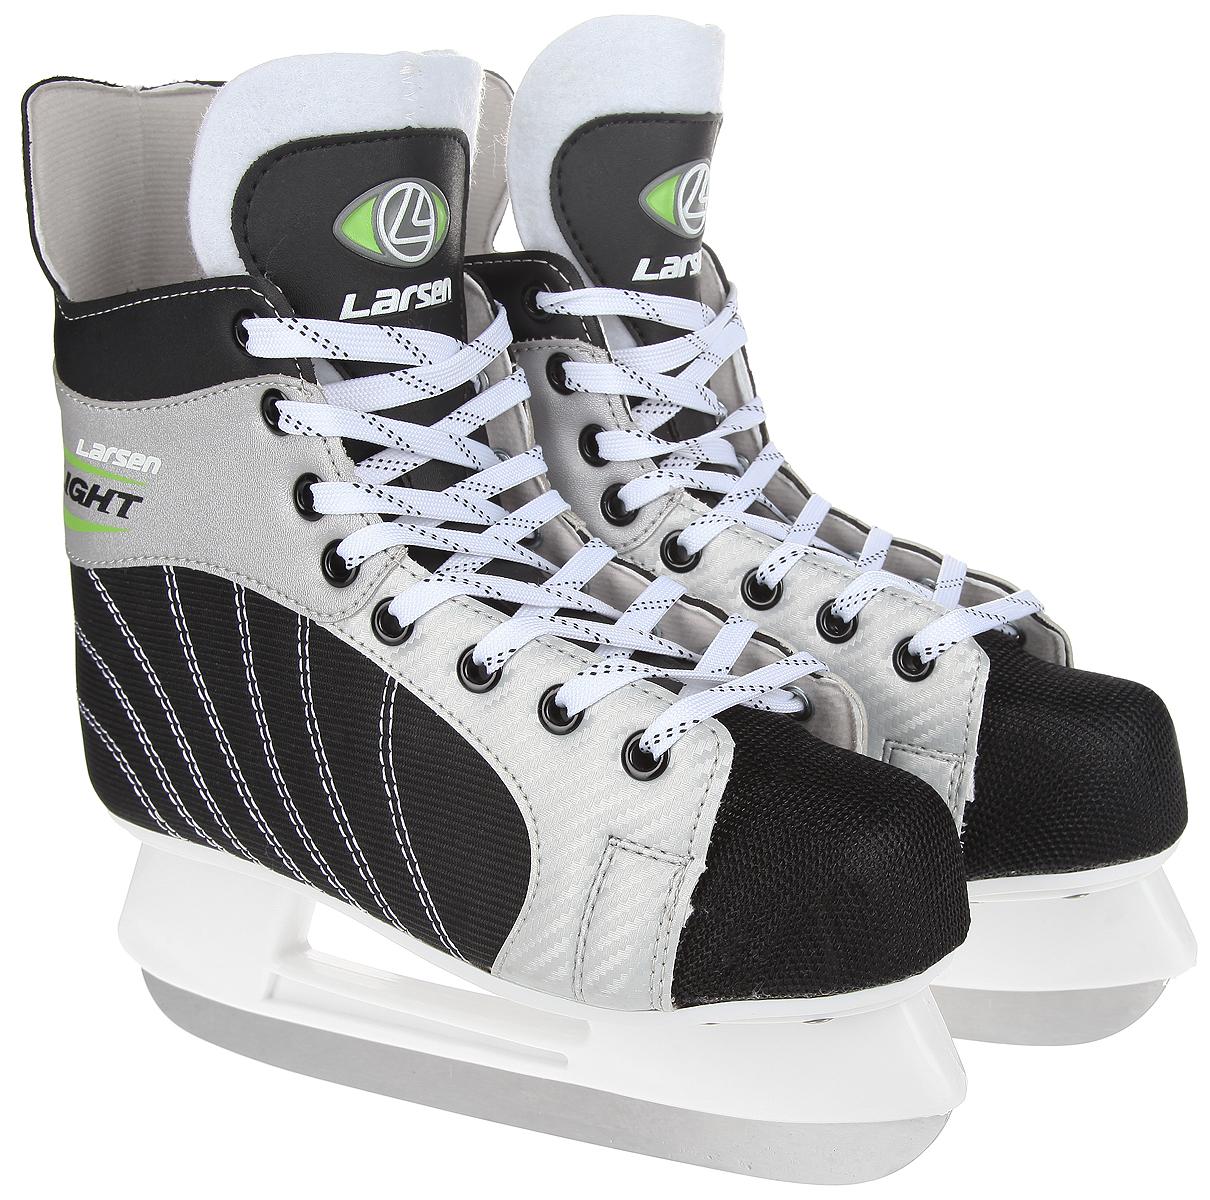 Коньки хоккейные мужские Larsen Light, цвет: черный, серебристый, белый. Размер 39LightСтильные коньки Light от Larsen прекрасно подойдут для начинающих игроков в хоккей. Ботинок выполнен из нейлона со вставками из морозоустойчивого поливинилхлорида. Мыс выполнен из полипропилена, покрытого сетчатым нейлоном, который защитит ноги от ударов. Внутренний слой изготовлен из материала Cambrelle, который обладает высокой гигроскопичностью и воздухопроницаемостью, имеет высокую степень устойчивости к истиранию, приятен на ощупь, быстро высыхает. Язычок из войлока обеспечивает дополнительное тепло. Плотная шнуровка надежно фиксирует модель на ноге. Голеностоп имеет удобный суппорт. Стелька из EVA с текстильной поверхностью обеспечит комфортное катание. Стойка выполнена из ударопрочного пластика. Лезвие из нержавеющей стали обеспечит превосходное скольжение. В комплект входят пластиковые чехлы для лезвия. Рекомендуемая температура использования: до -20°C.